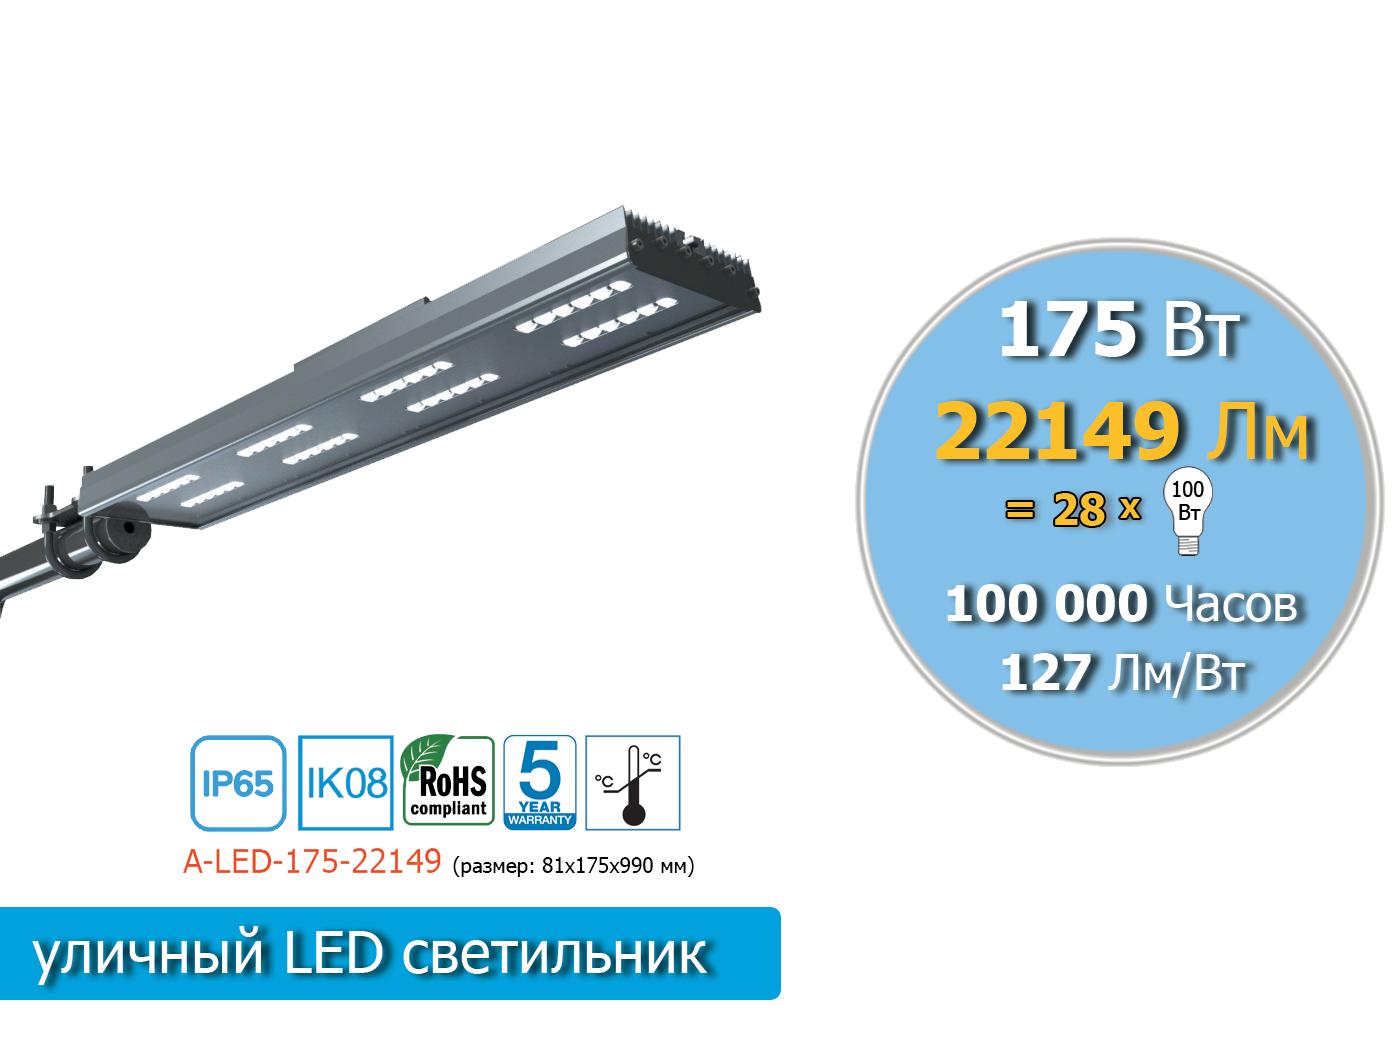 A-LED-175-22149-S